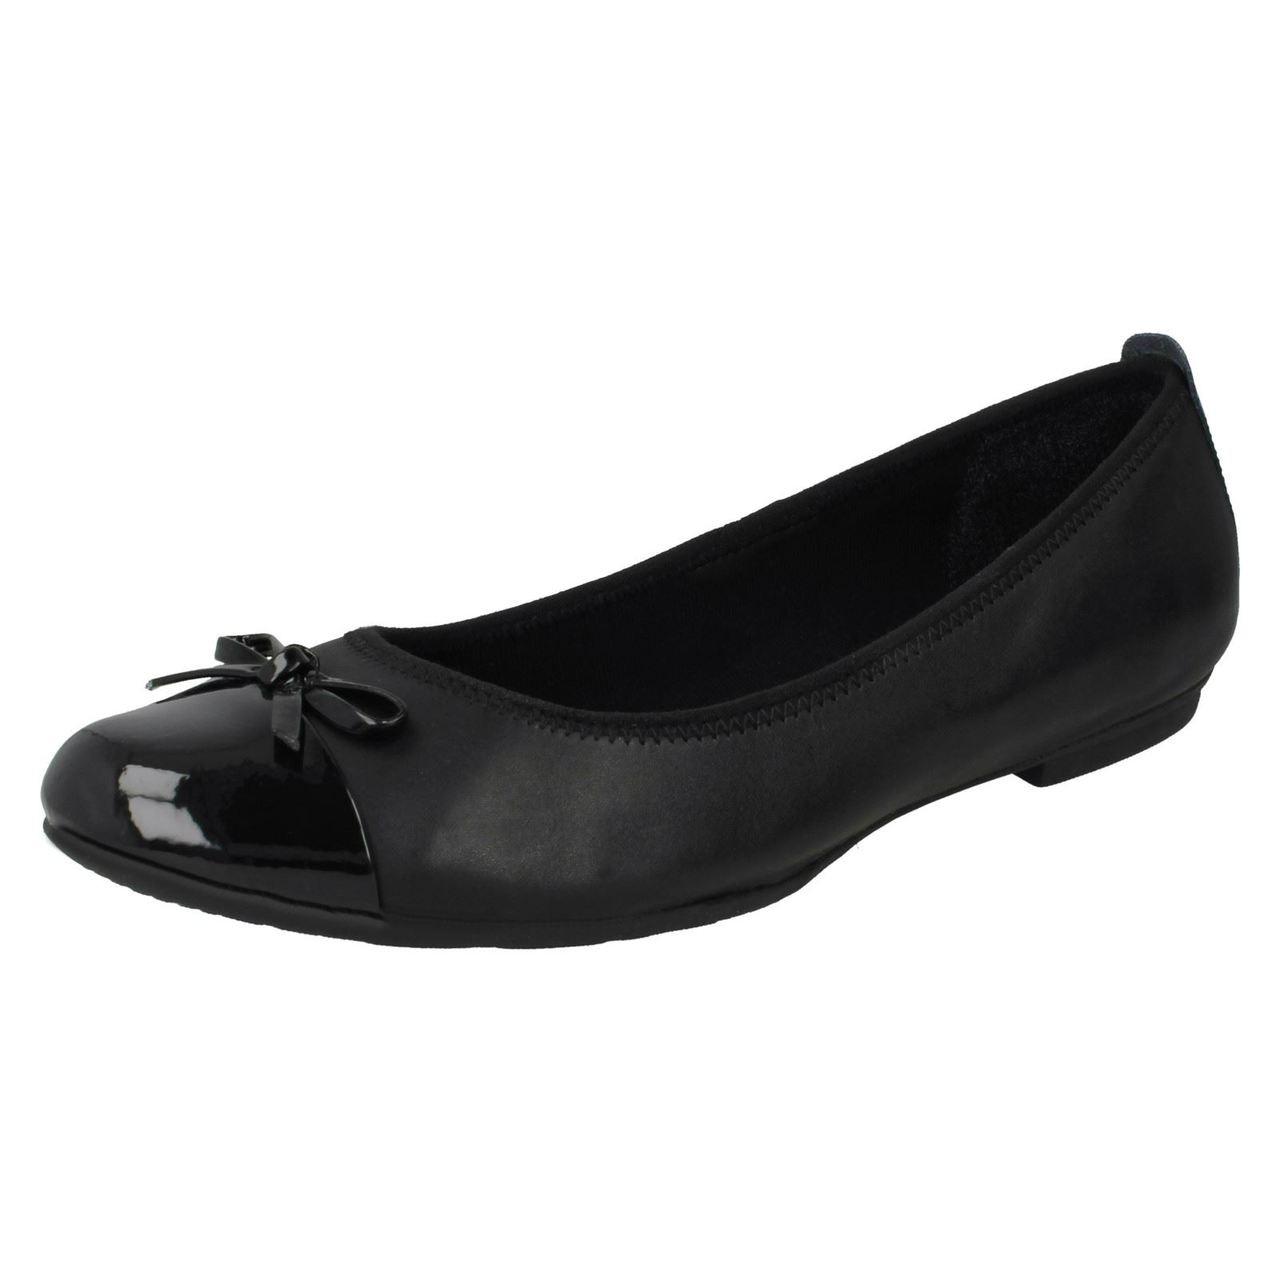 Clarks Ballerina School Shoes Una Ivy